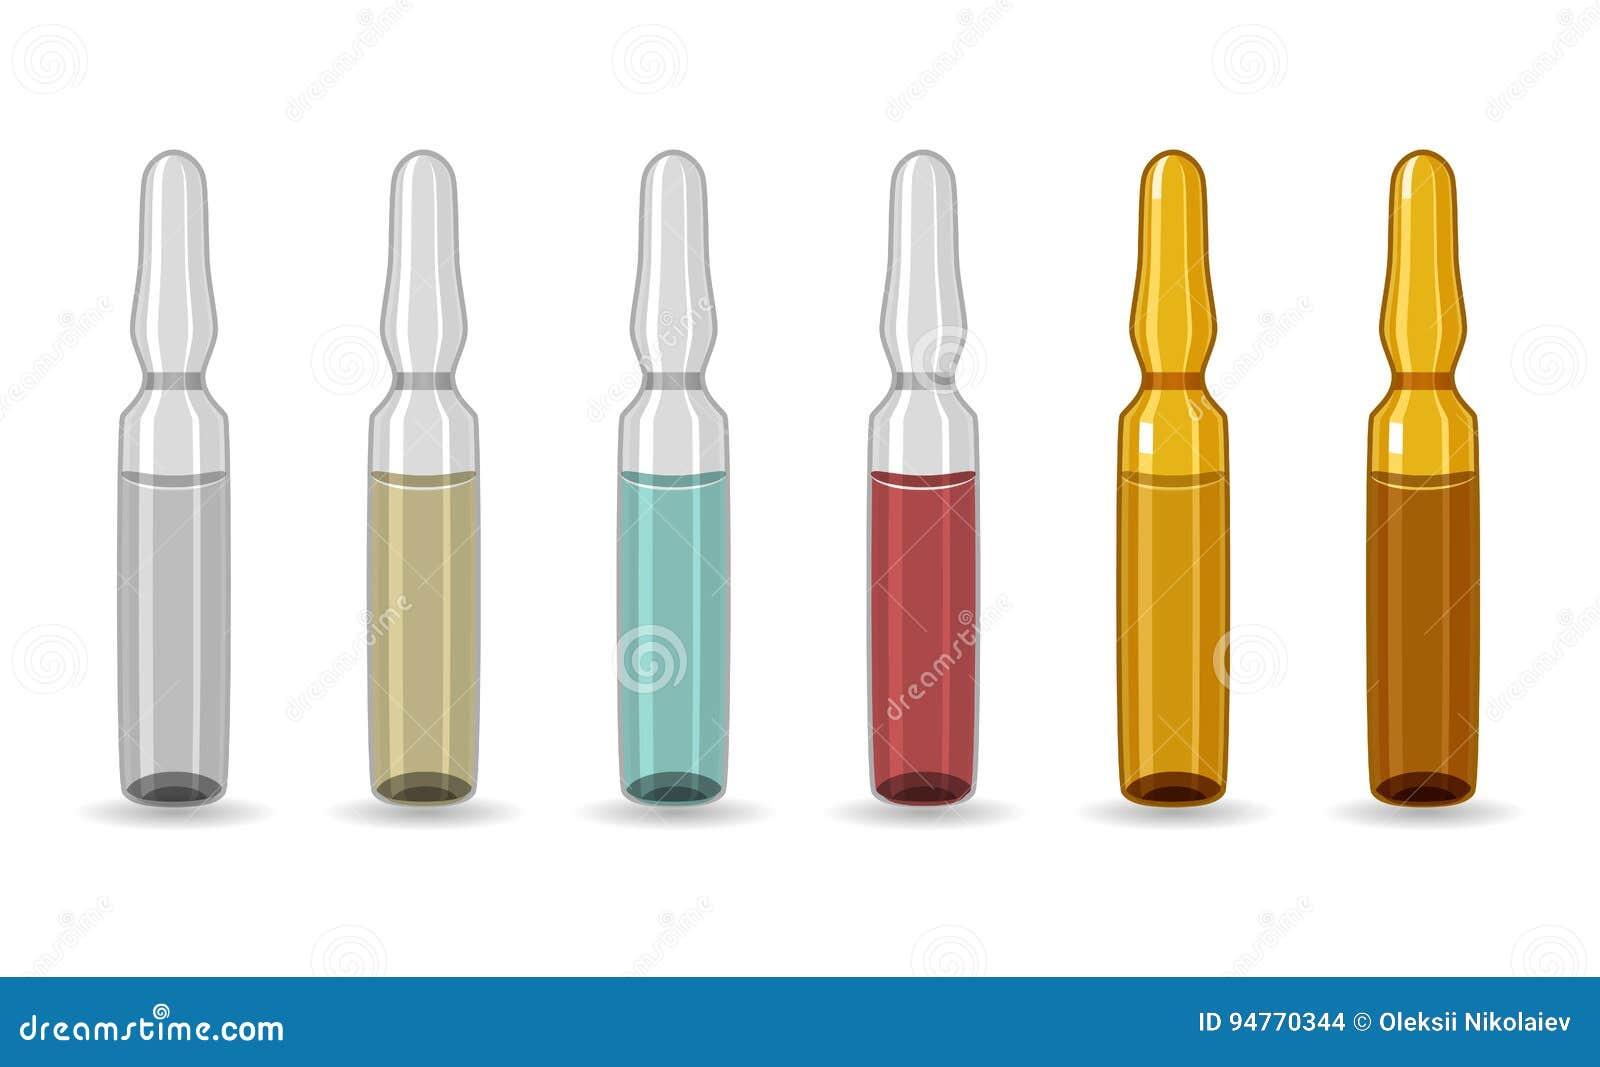 Ampul Reeks ampullen van verschillende kleuren Hermetisch verzegeld glasschip, voorgenomen voor opslag van geneeskrachtige voorbe